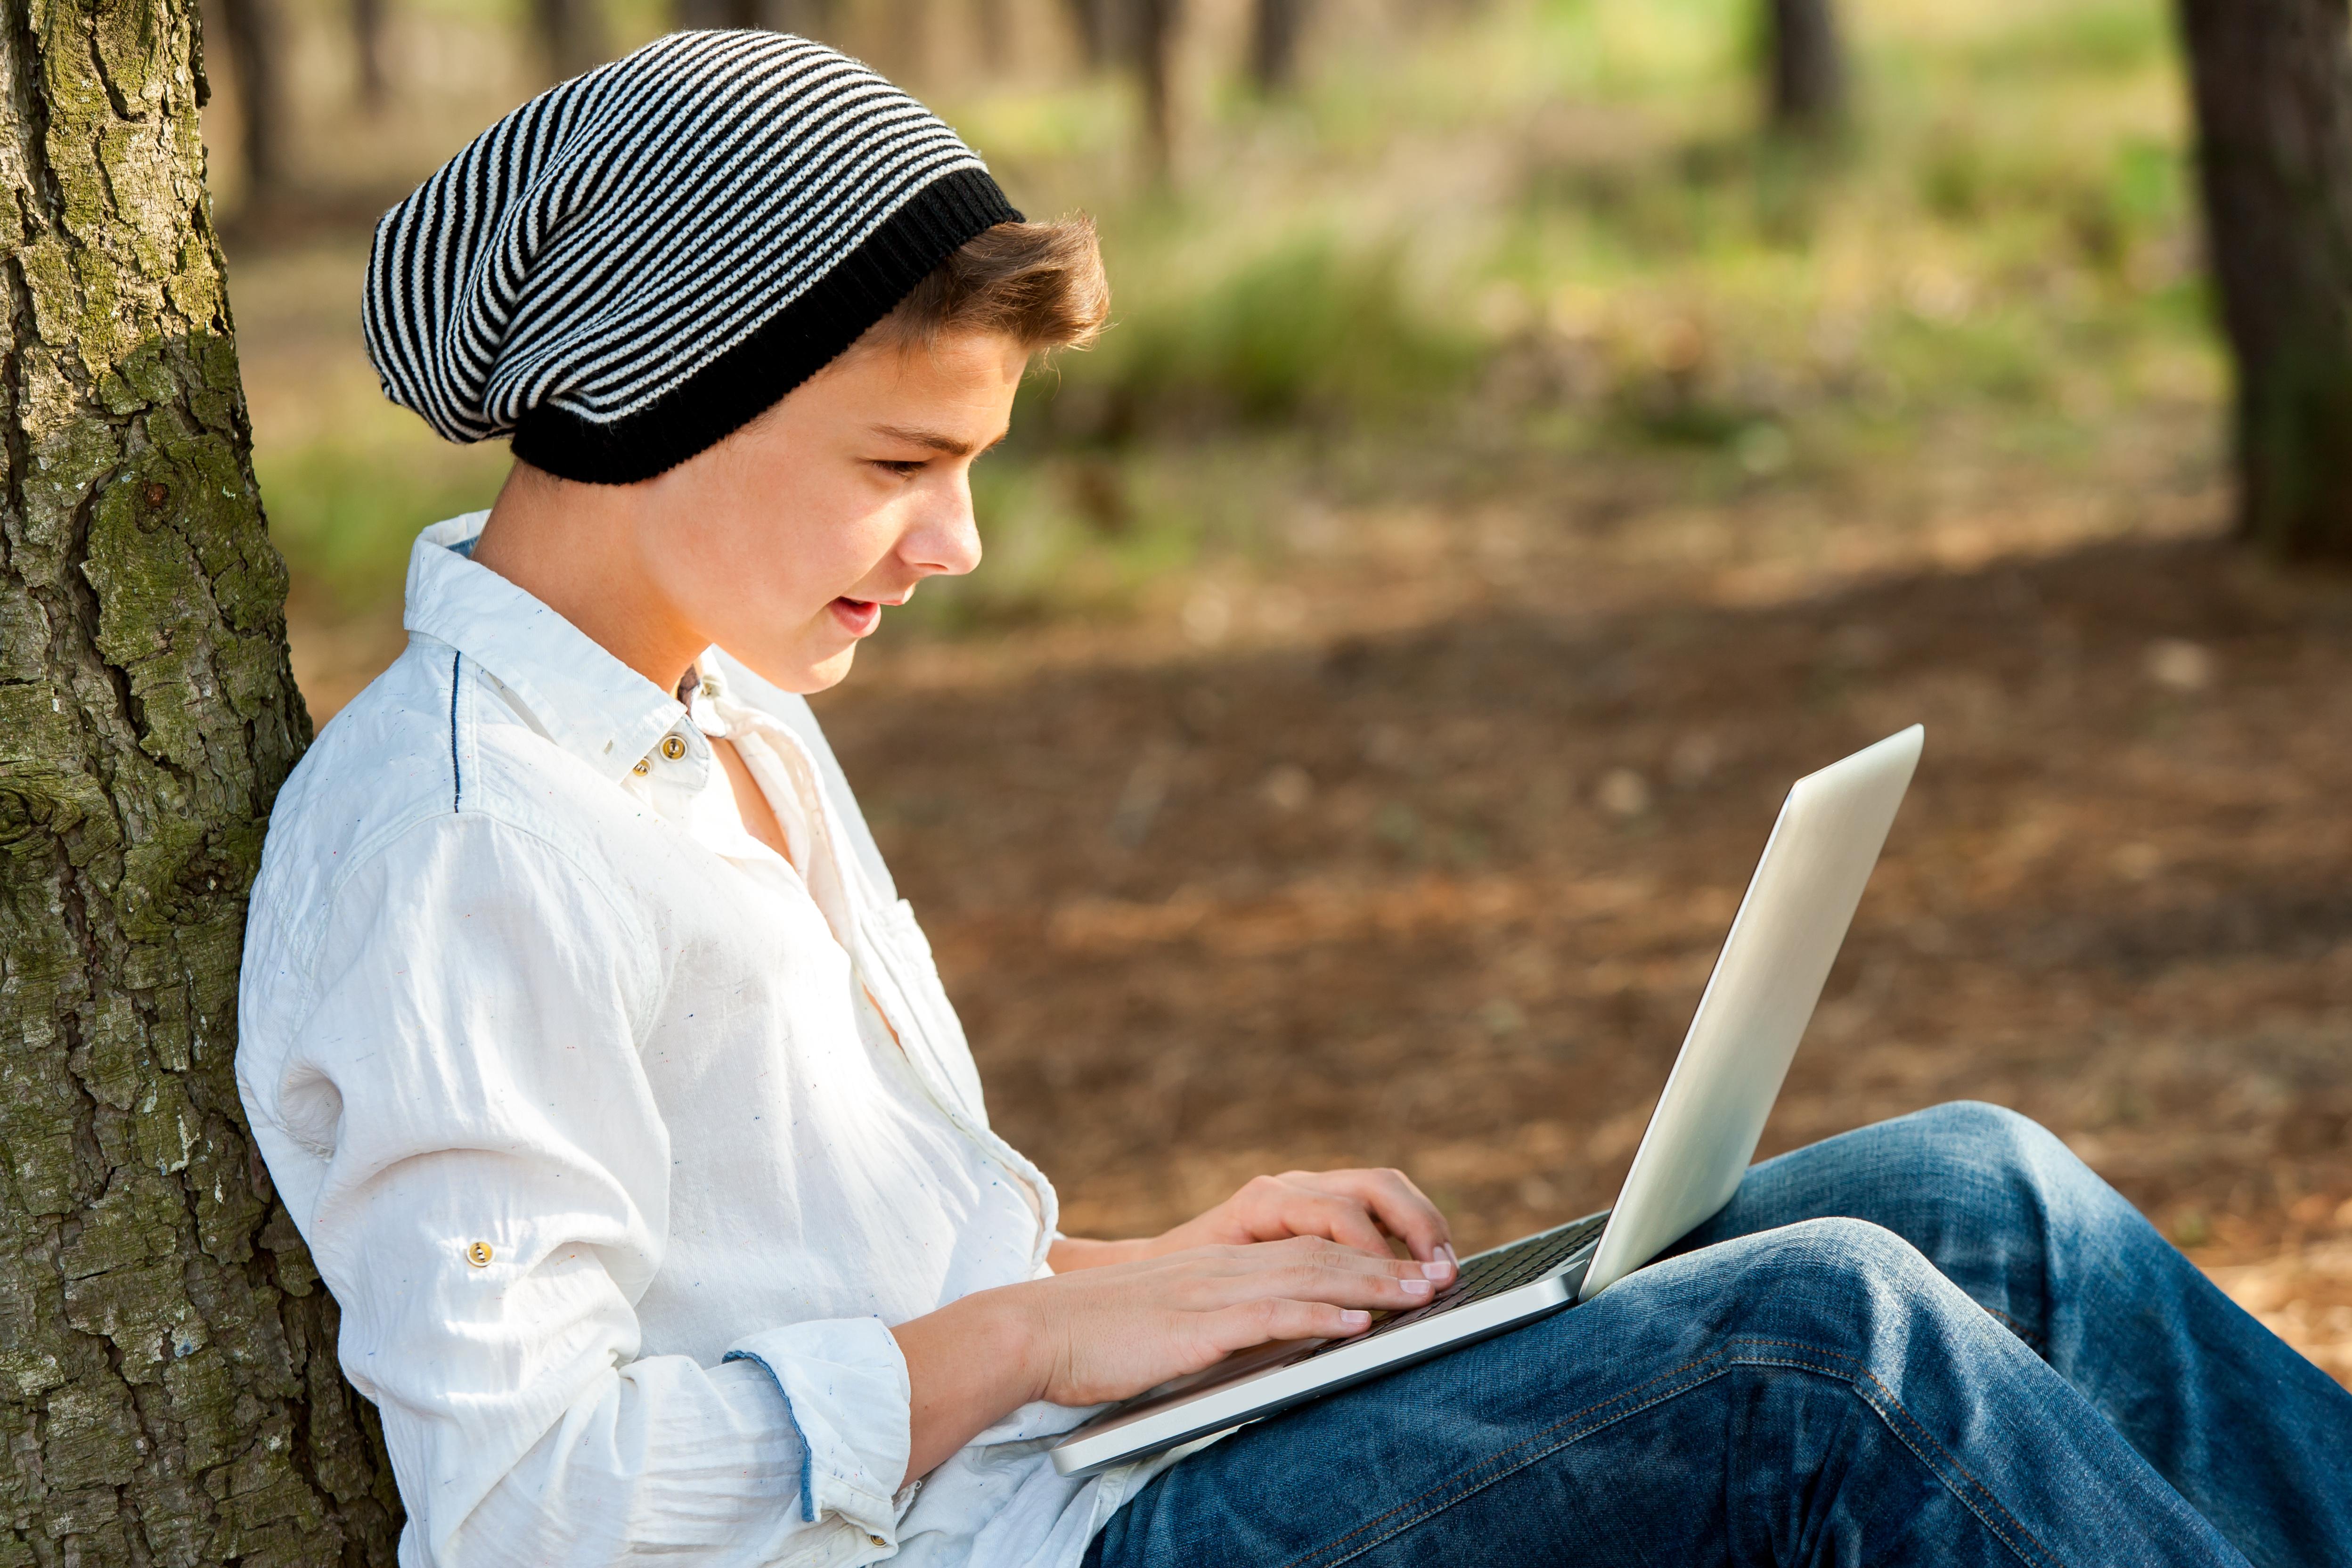 Arizona online school